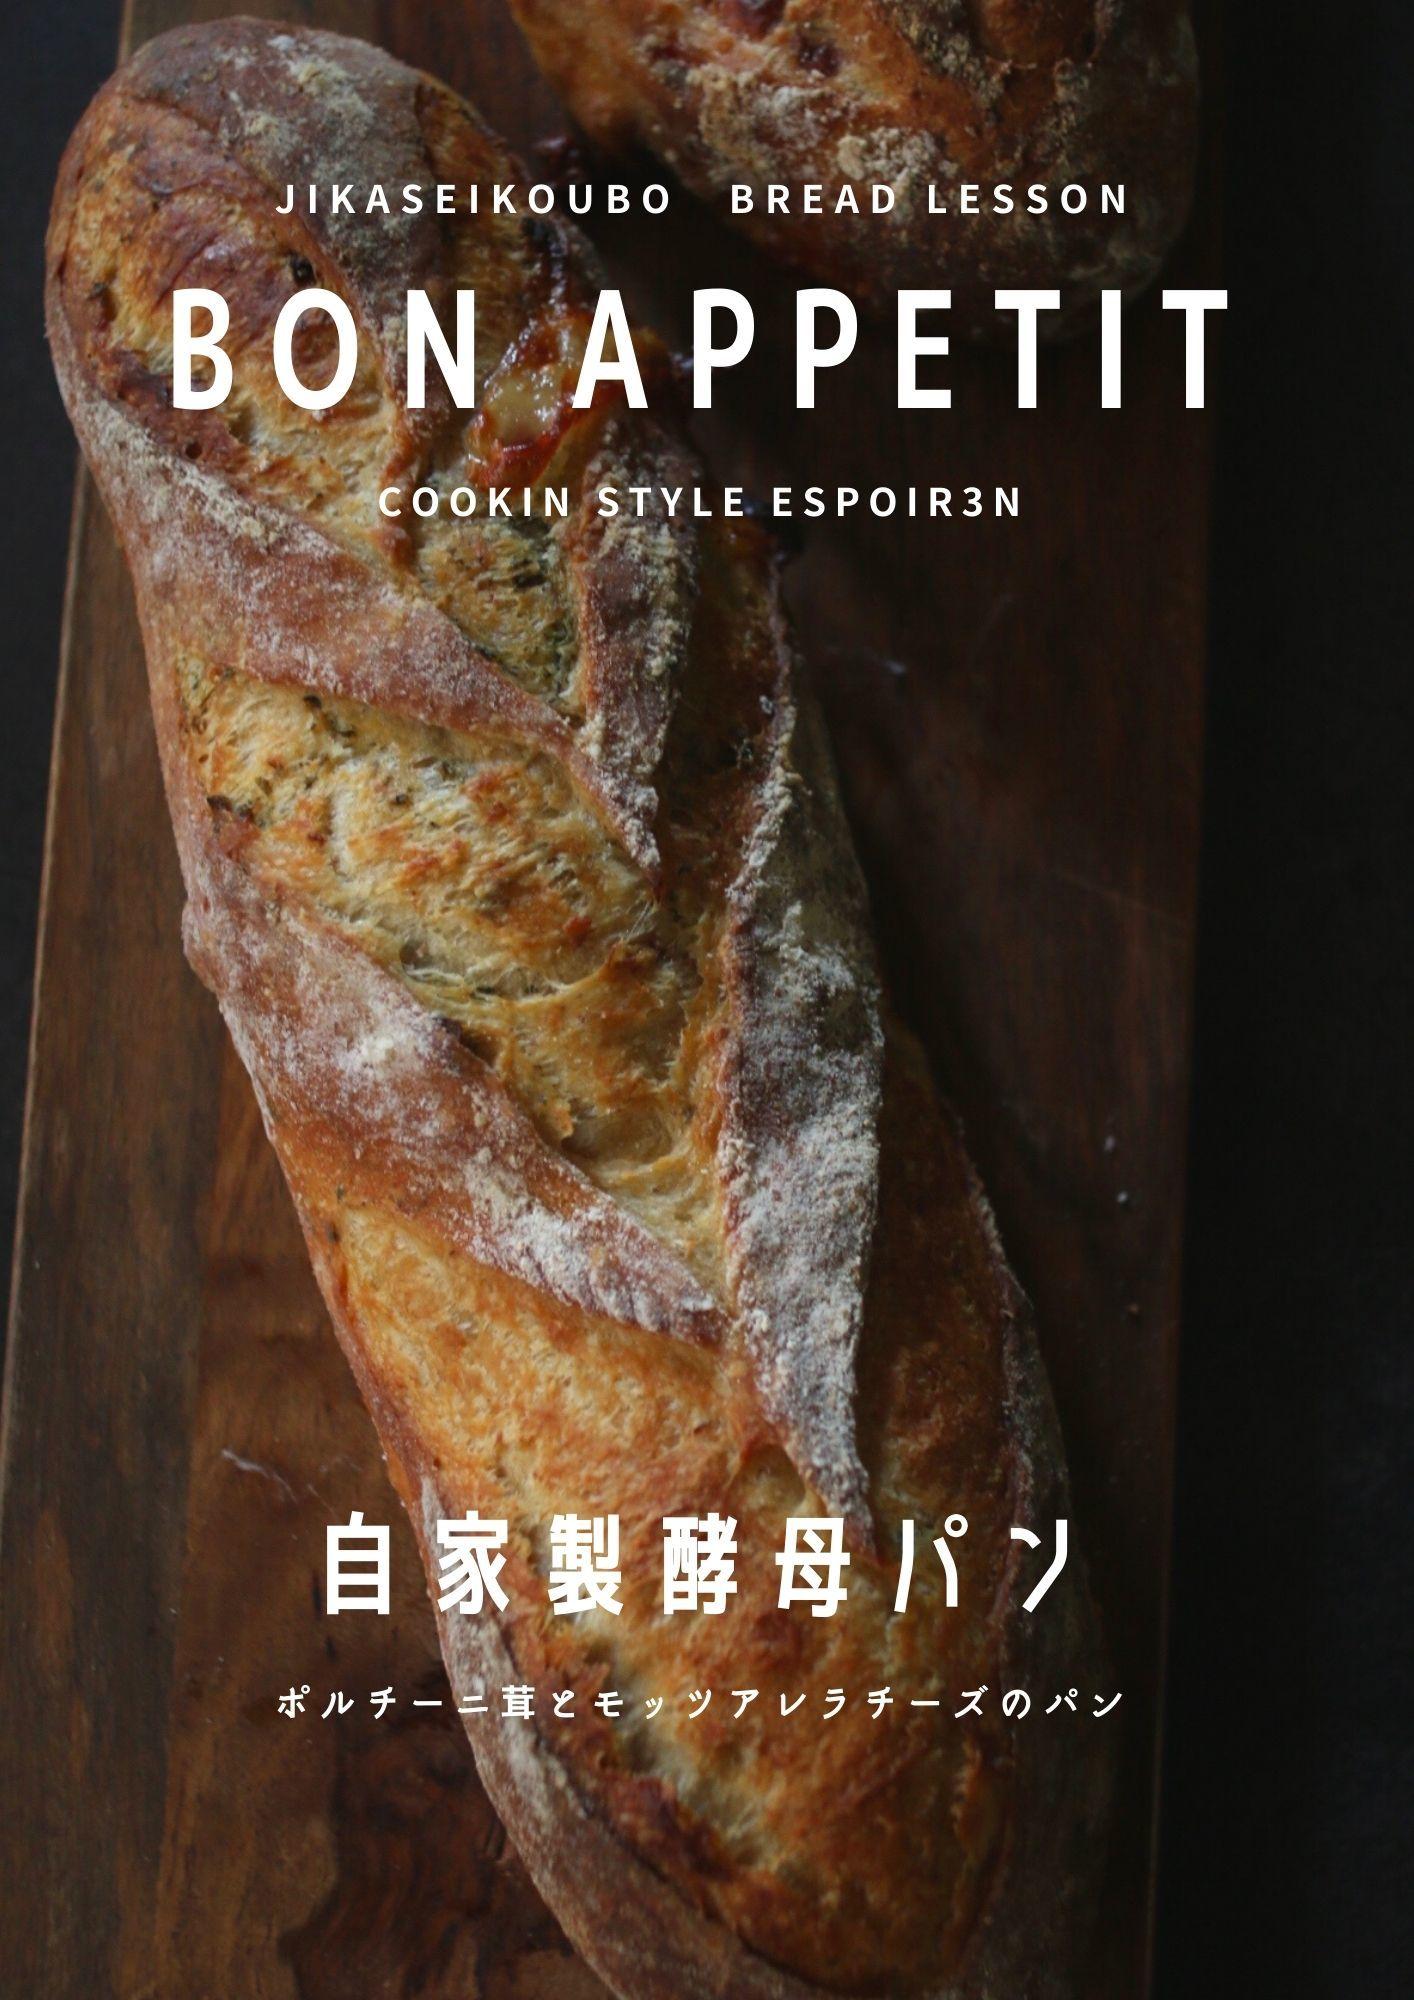 スパイスラテ酵母でポルチーニ茸とモッツァレラチーズフランスを焼きます_c0162653_15210774.jpg